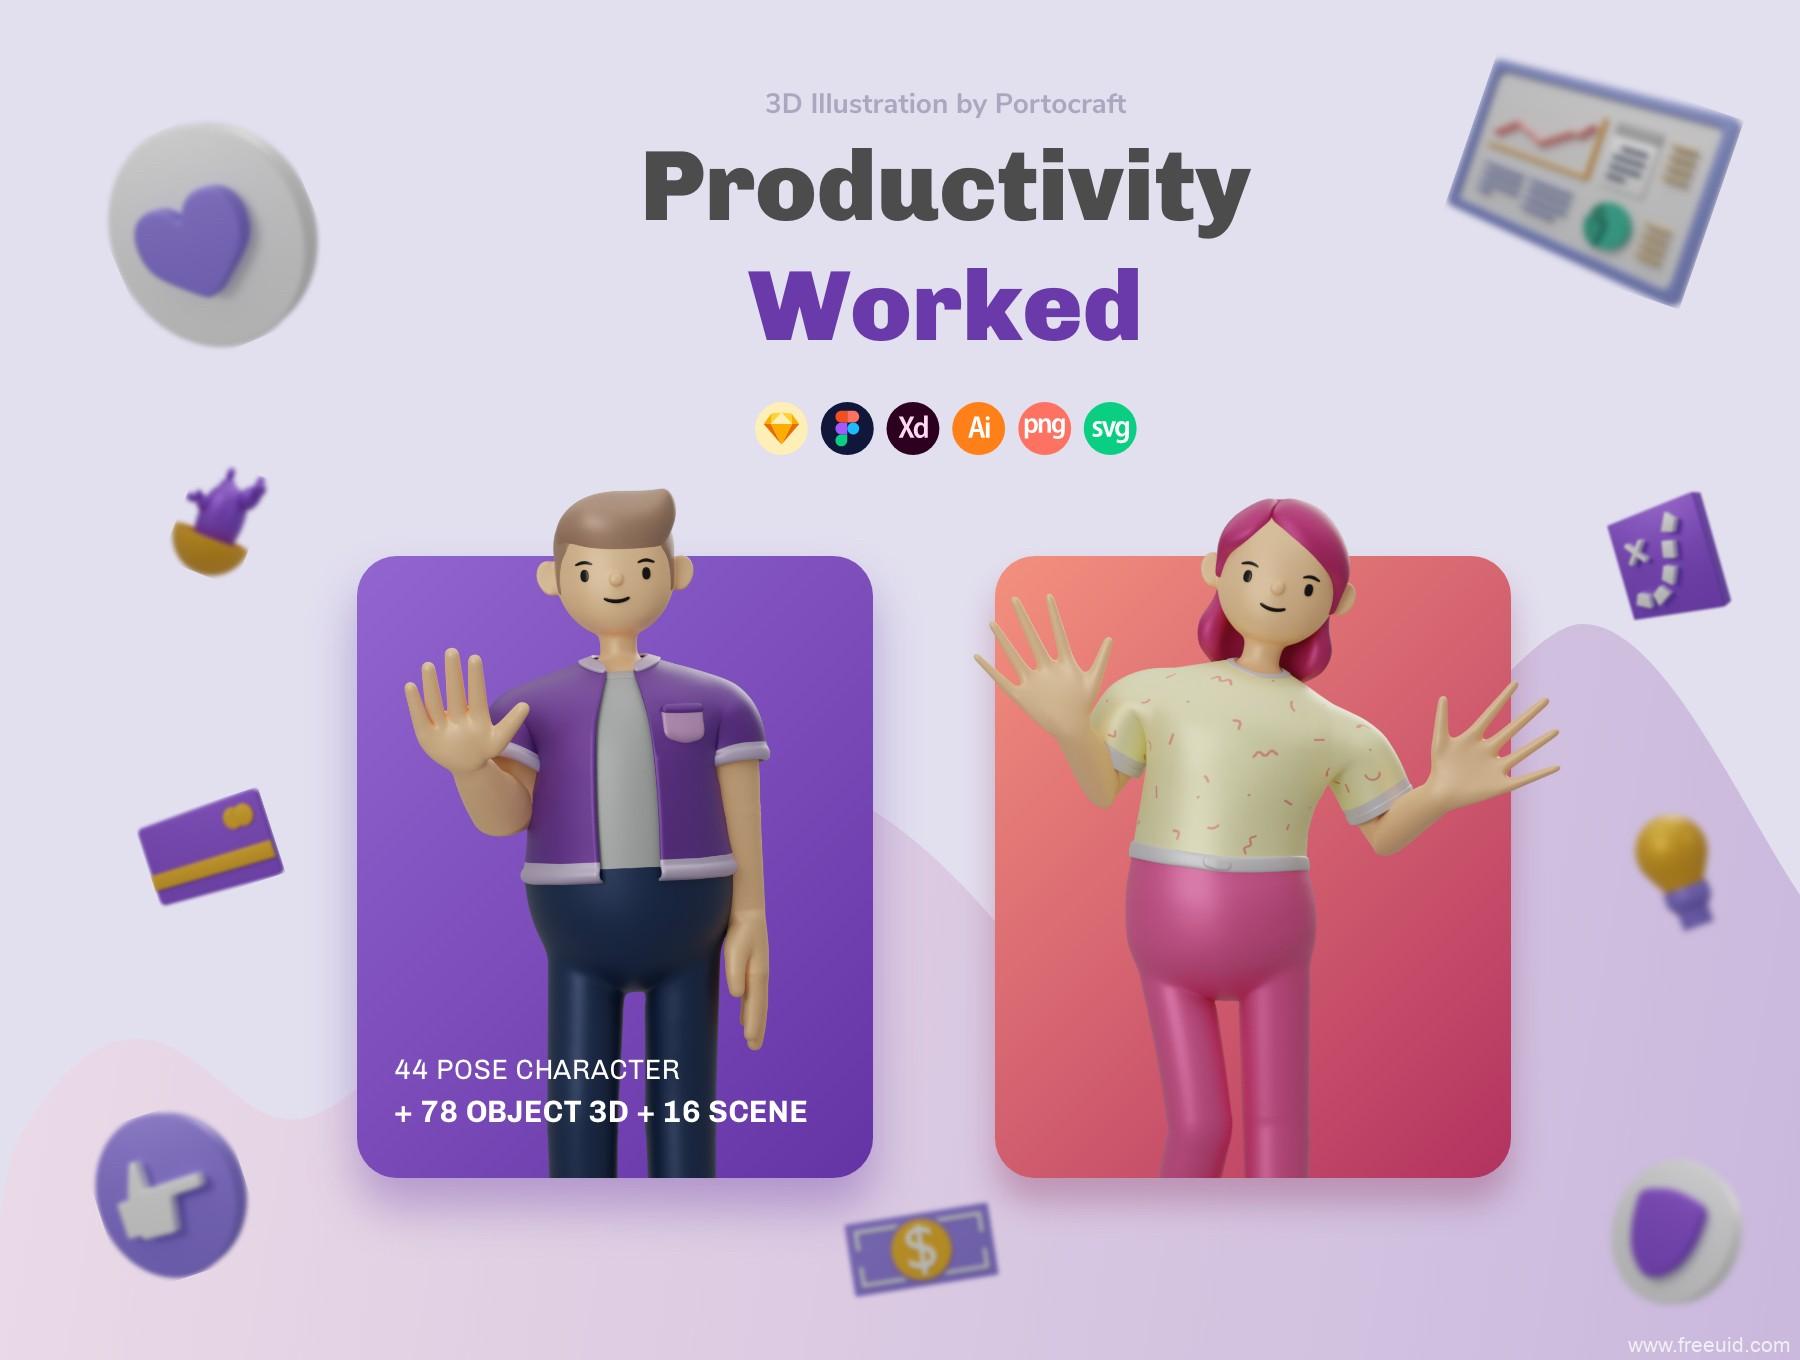 一套3D插画资源工具包,包含42个姿势3d人物3d工作场景插画素材包下载